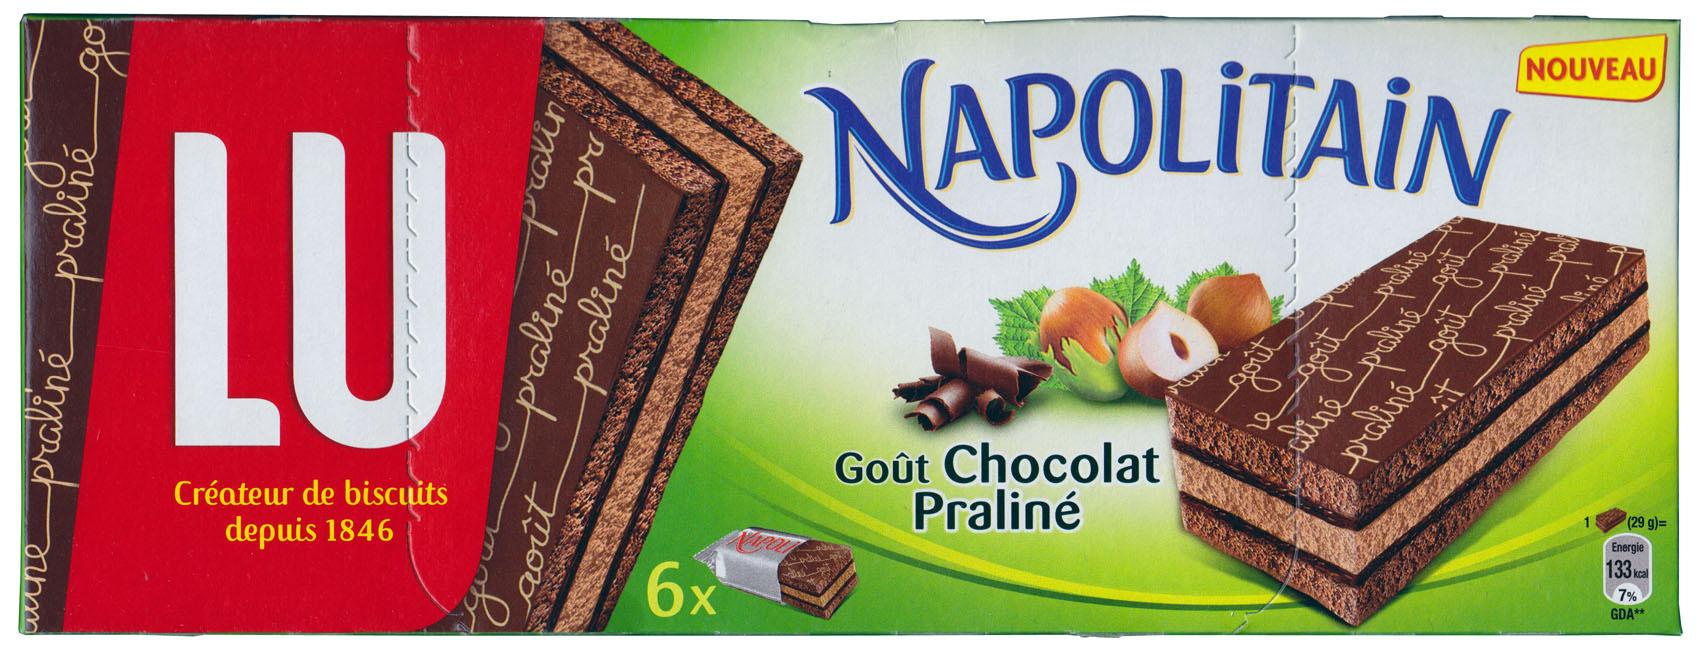 Napolitain Goût Chocolat Praliné - Produit - fr